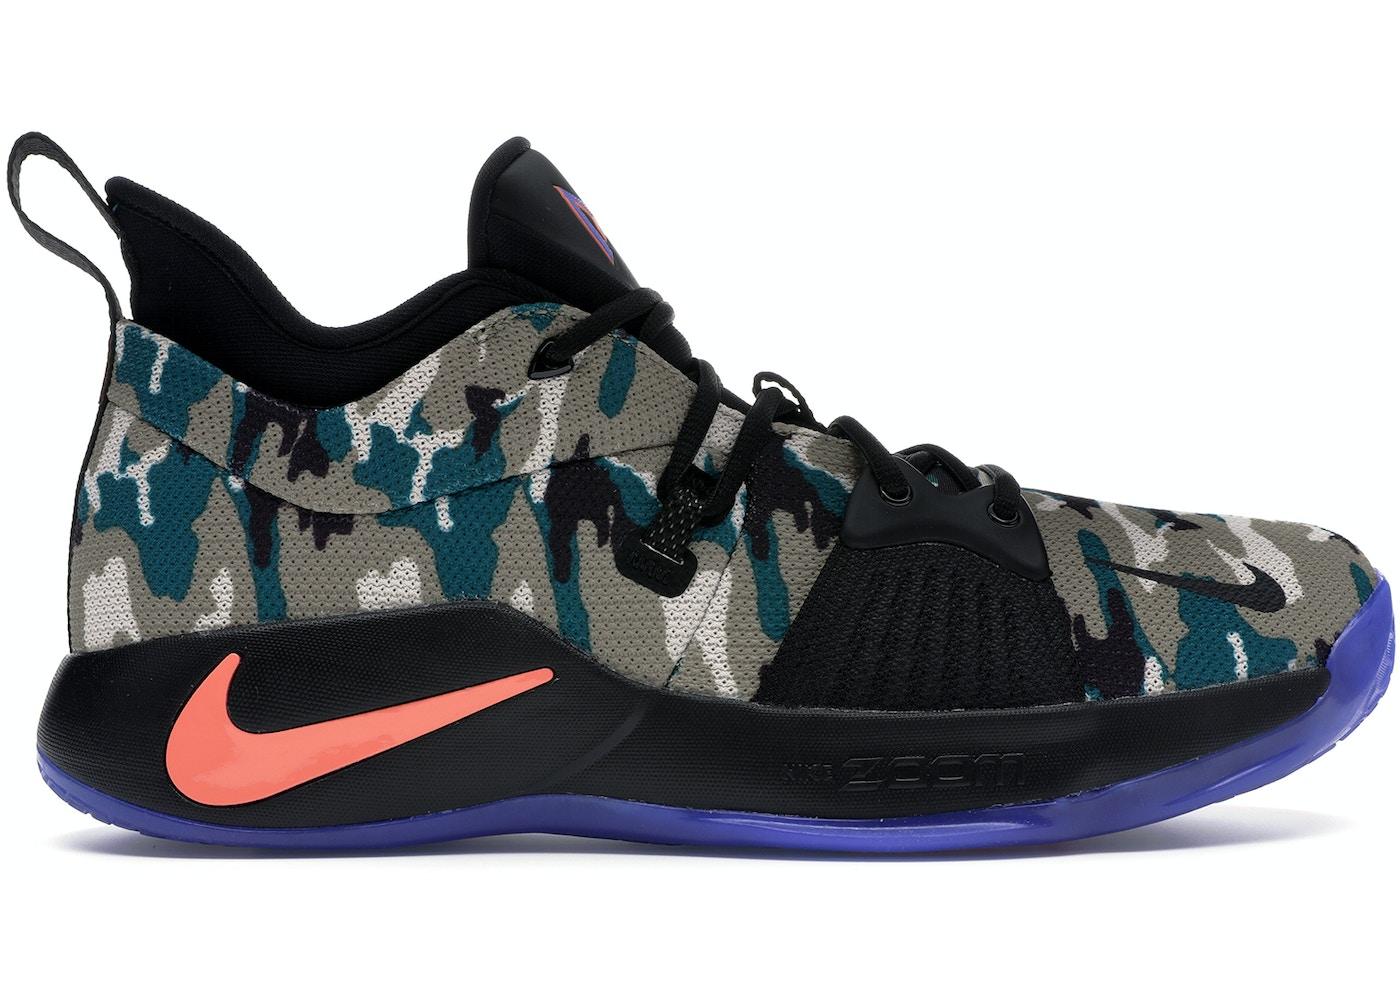 8a8de4691866 Nike PG 2 EYBL - BQ4479-001